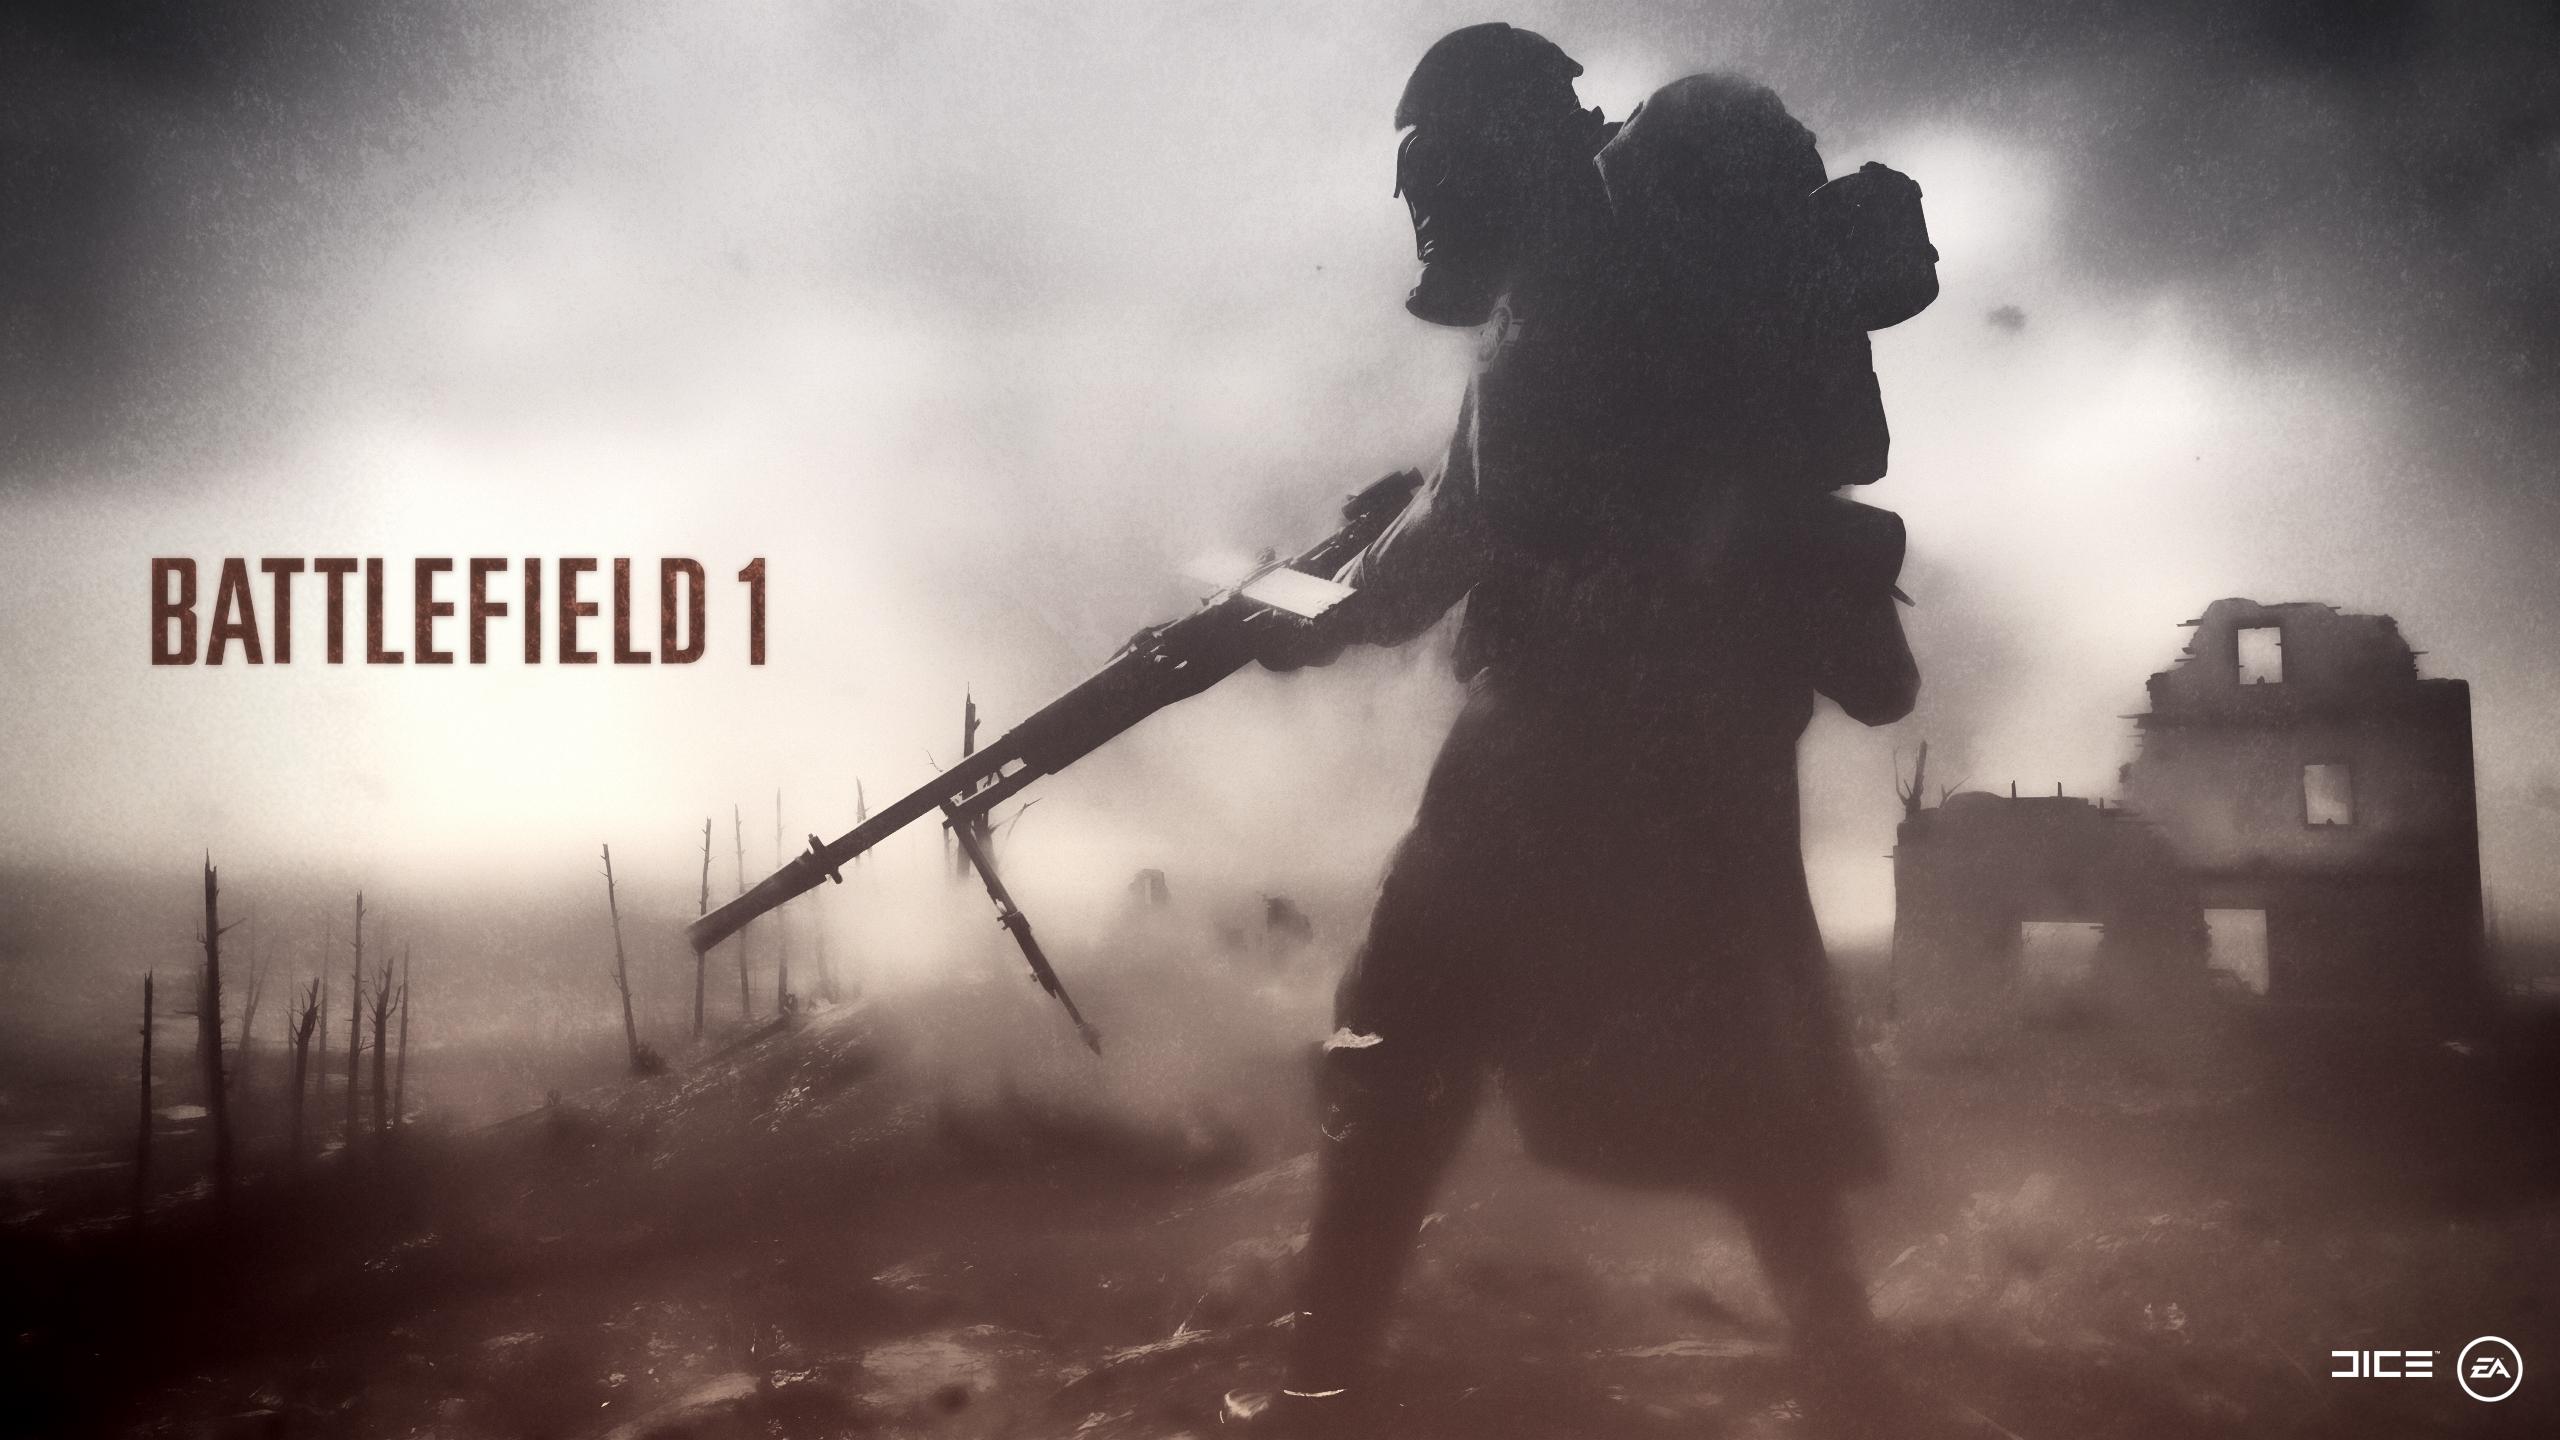 Battlefield 1 - German Wallpaper #2 by